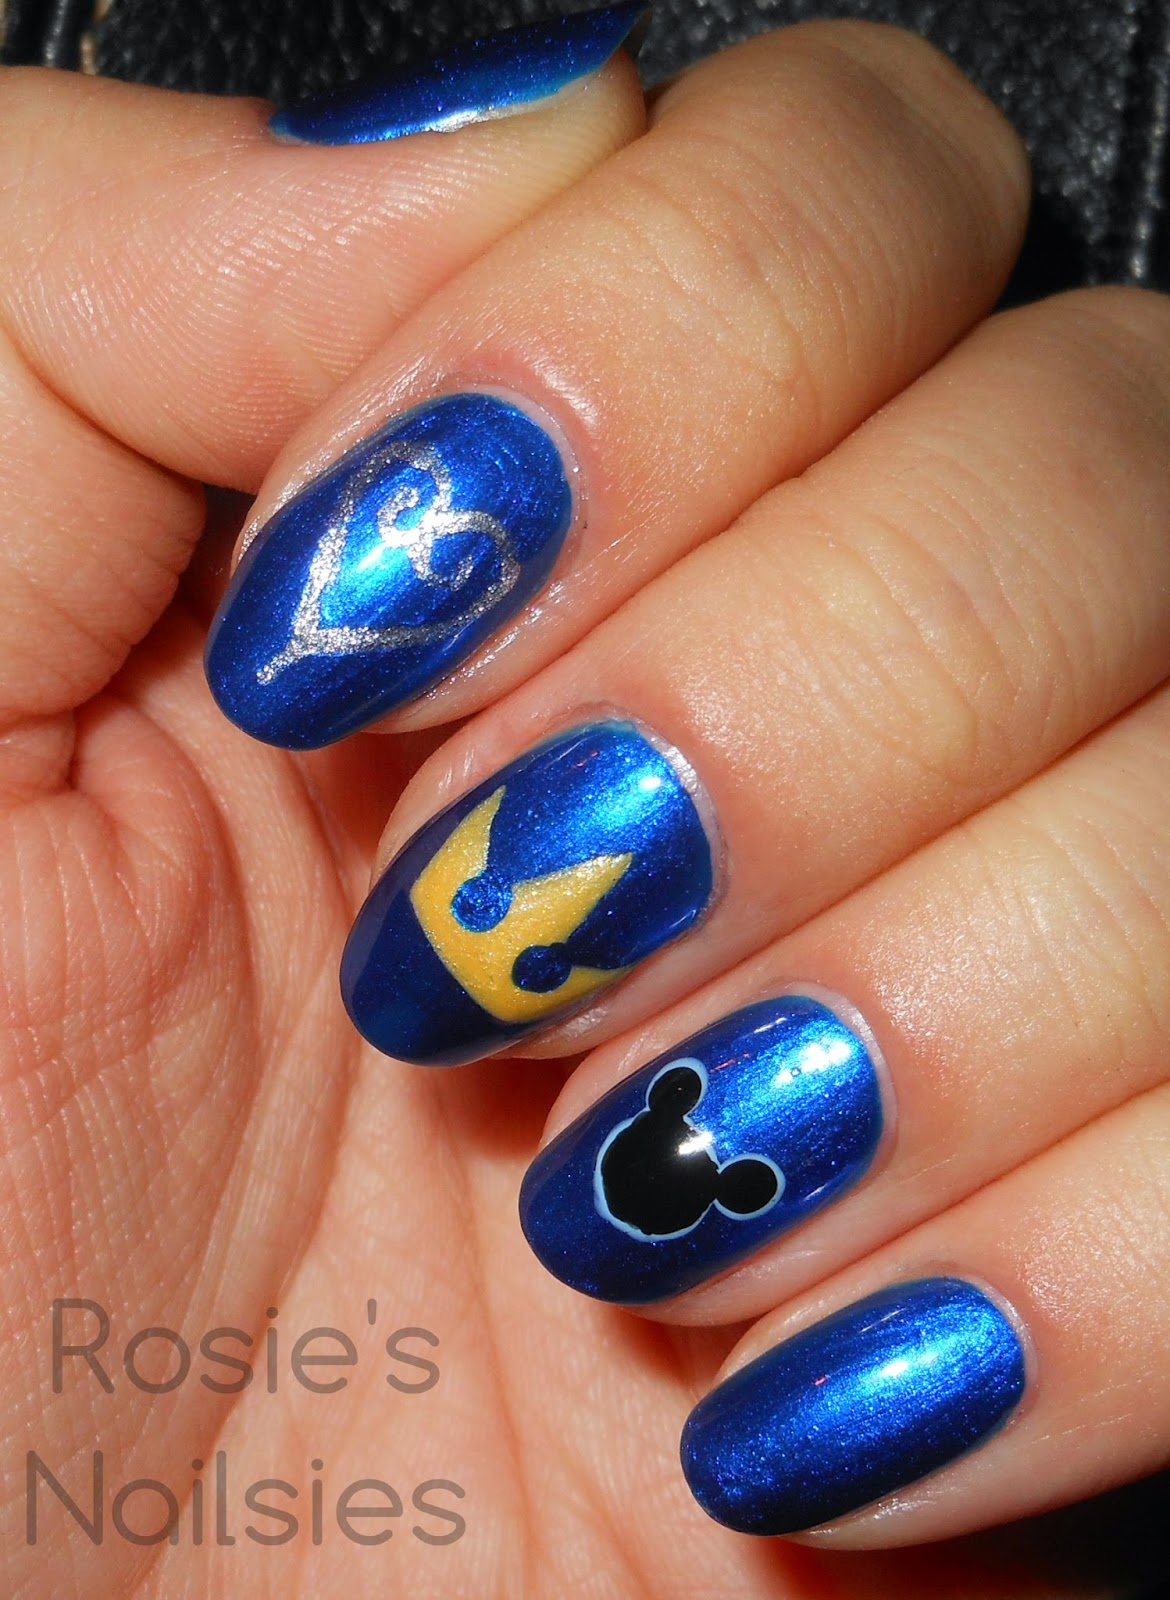 Rosie\'s Nailsies: 2014